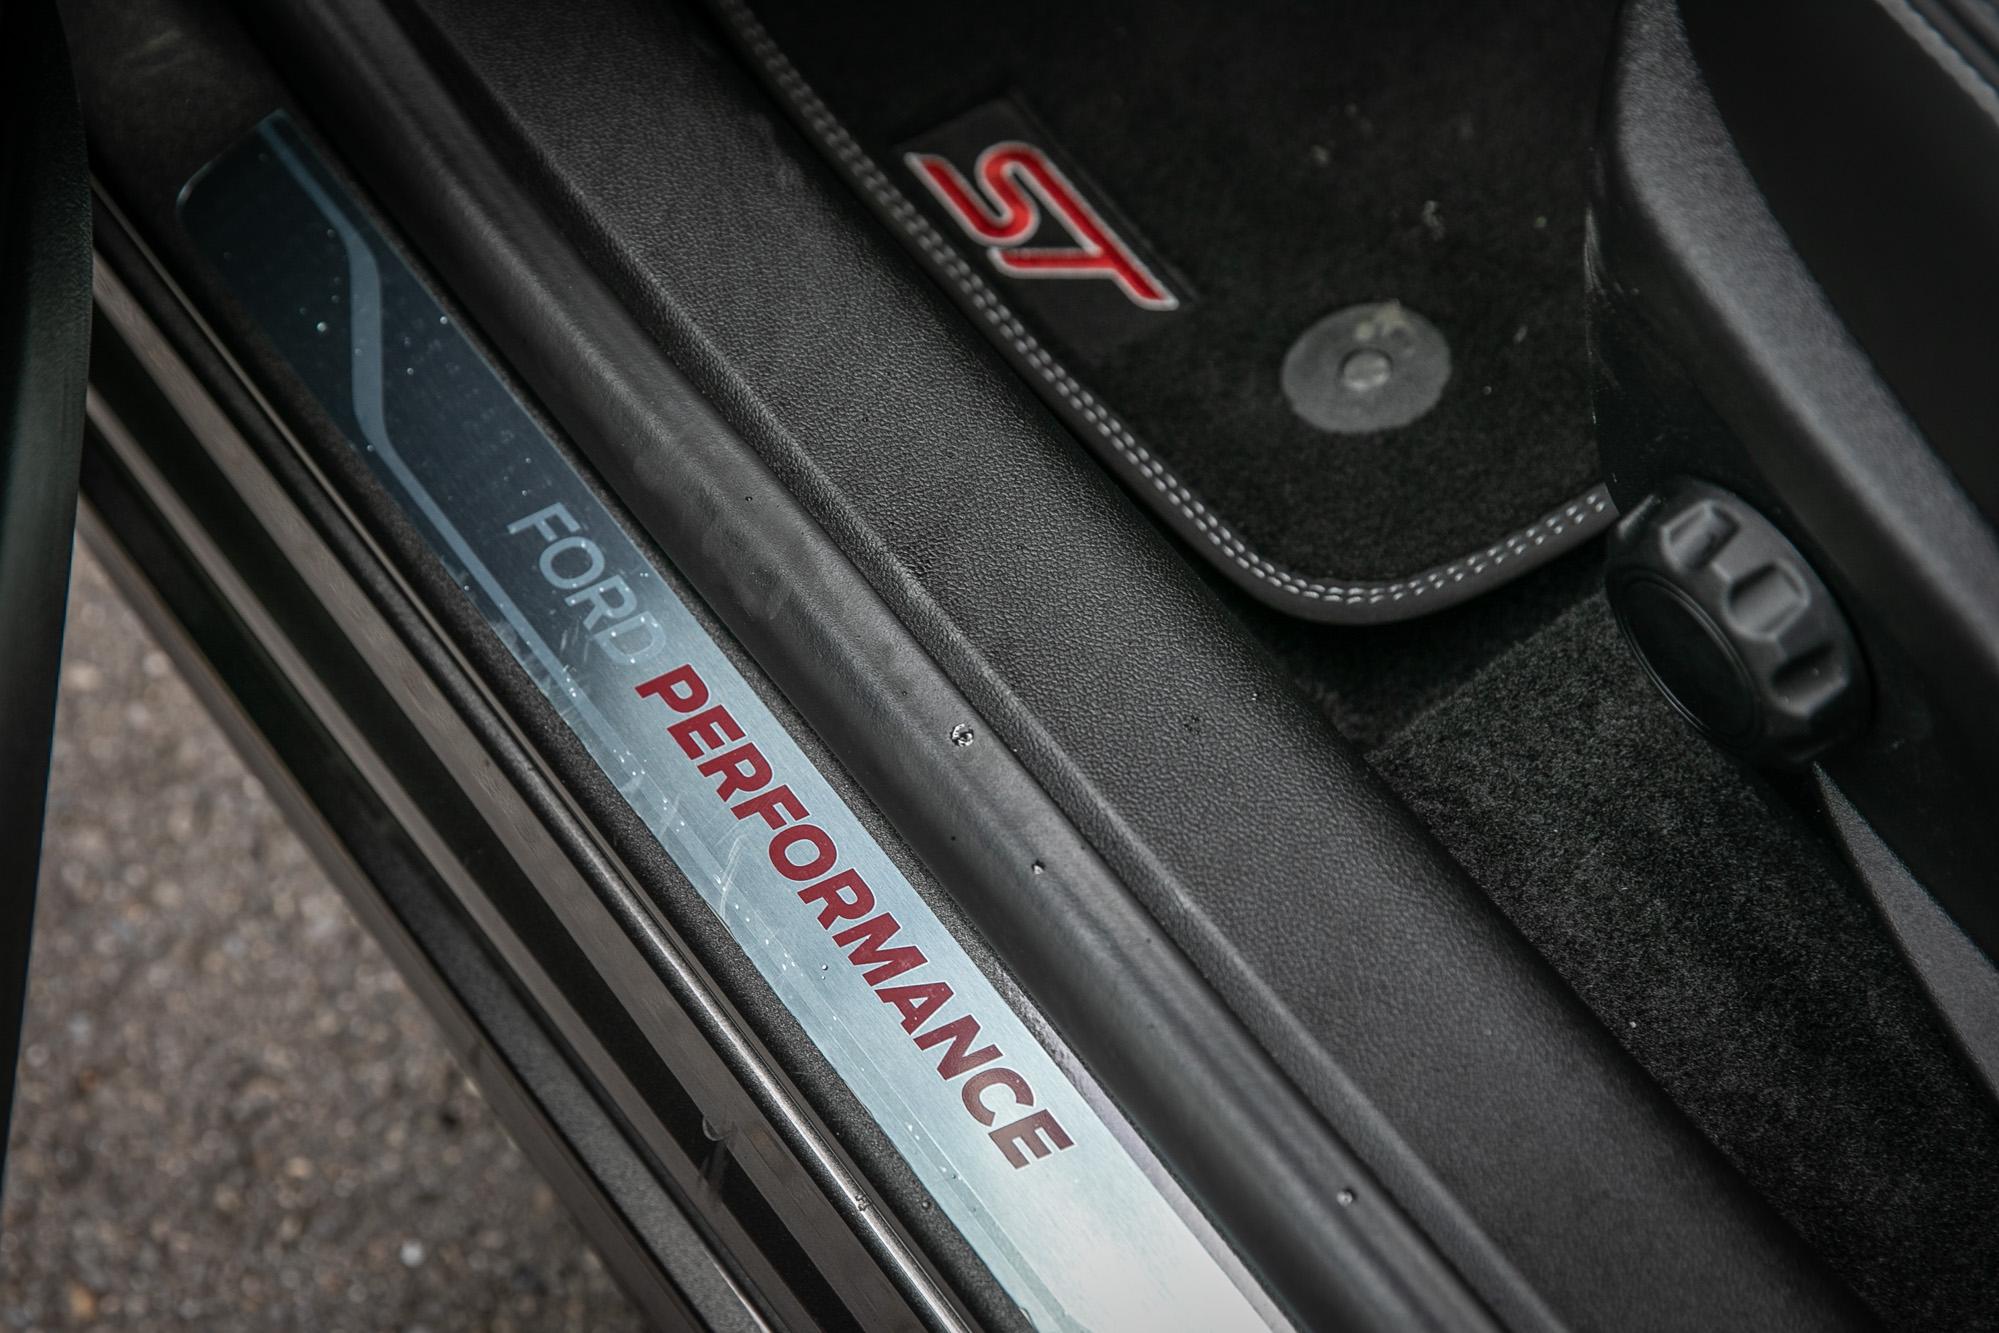 打開門專屬的金屬飾板與印有 ST 字樣的腳踏墊。